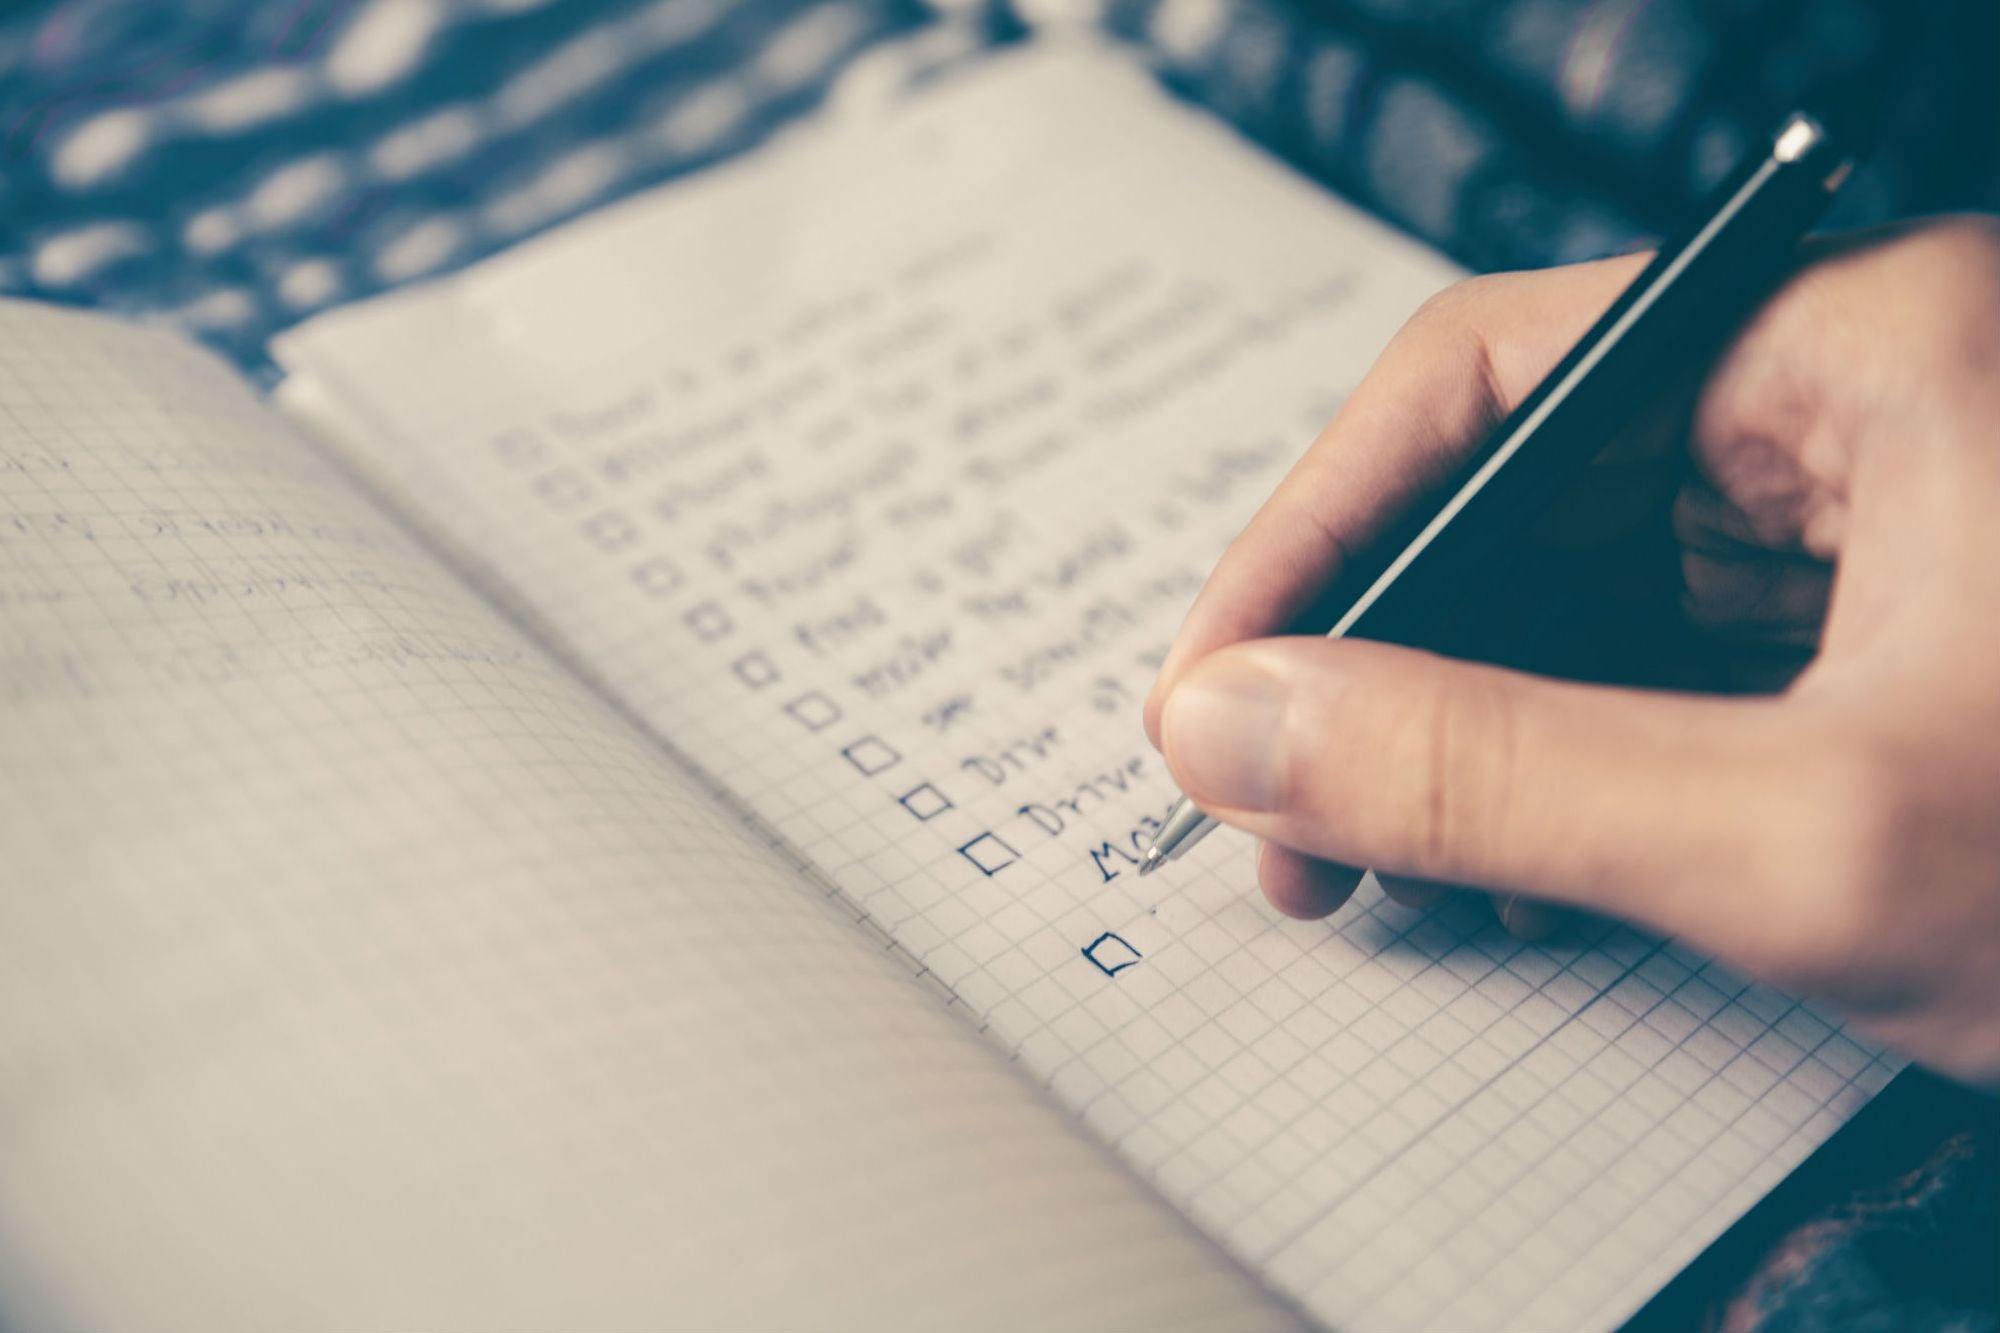 entrepreneur.com - Paula Rizzo - ¿Quieres ser triunfador? Estas son las 3 listas que tienes que hacer para lograrlo